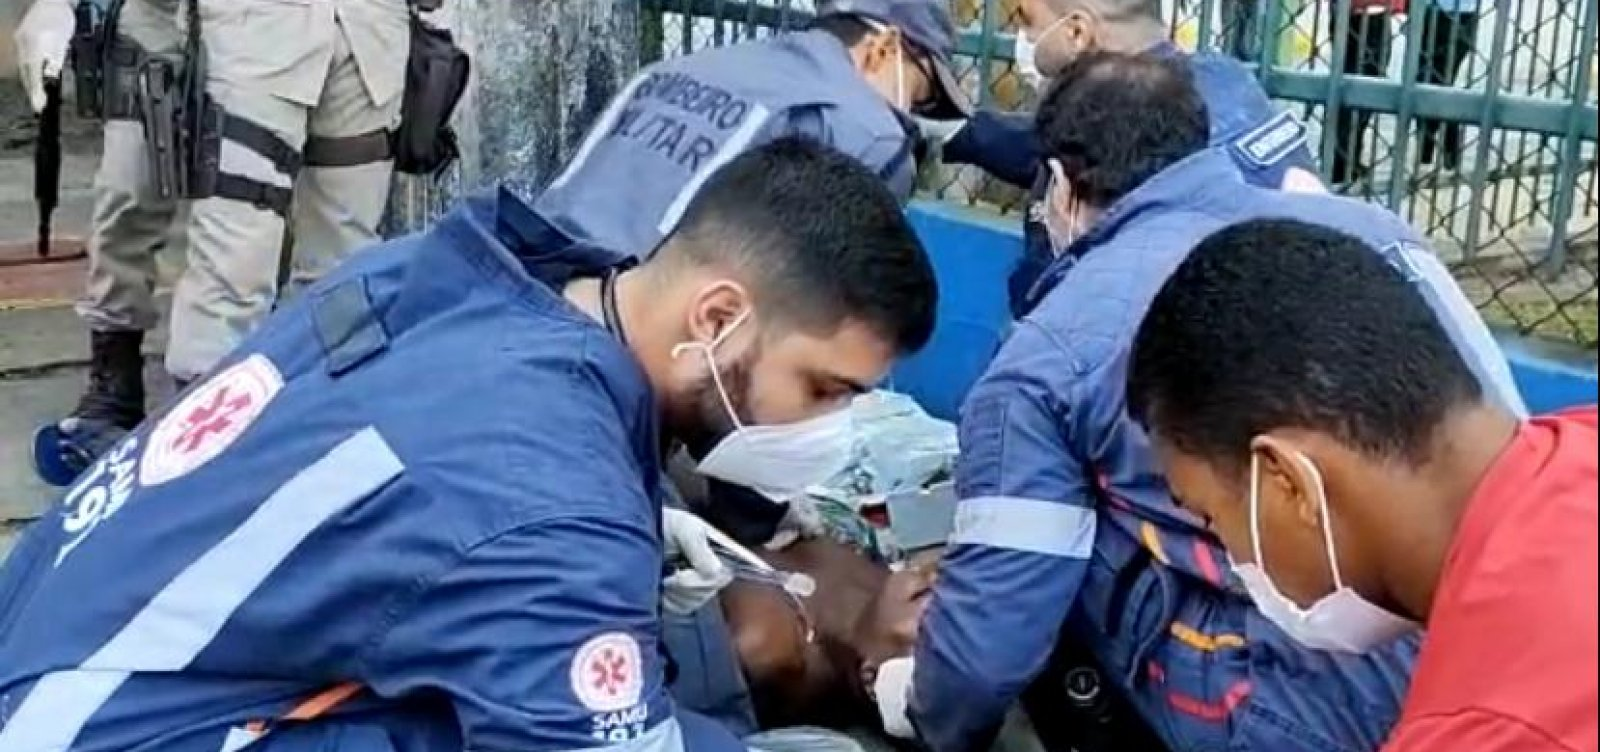 Homem sofre parada cardíaca dentro de ônibus e é reanimado por bombeiros